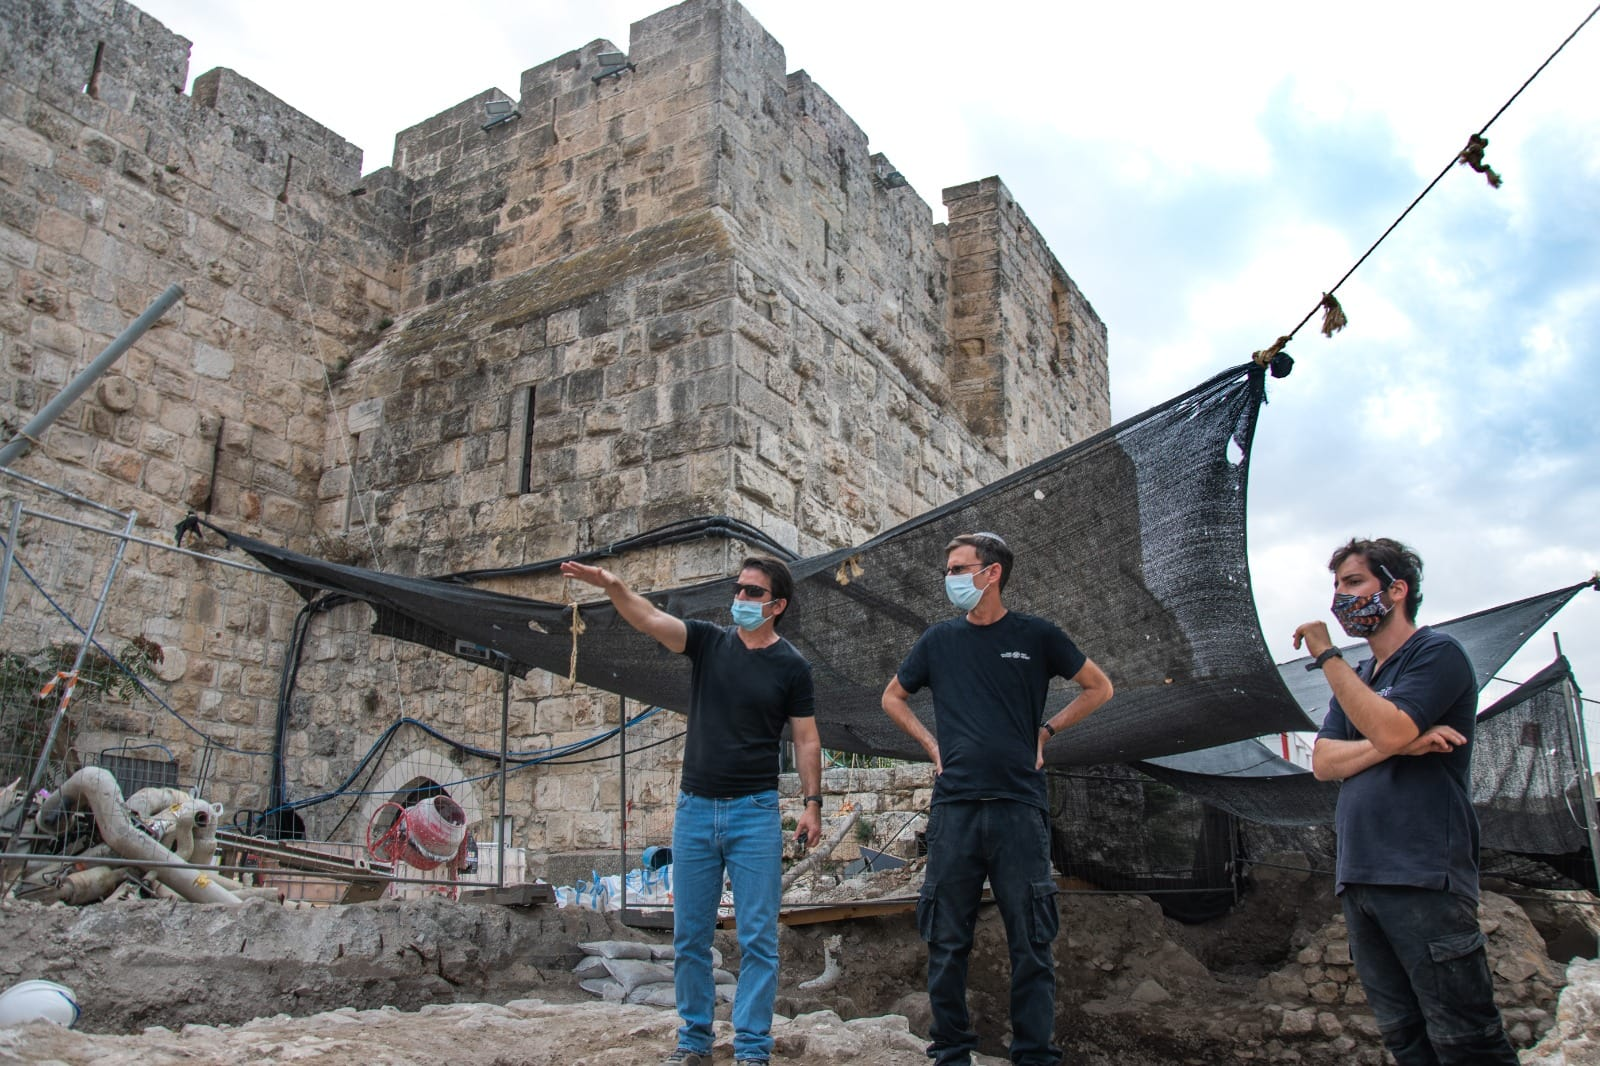 עמית ראם מדריך ארכאולוגים במתחם החפירות במגדל דוד (צילום: רשות העתיקות)